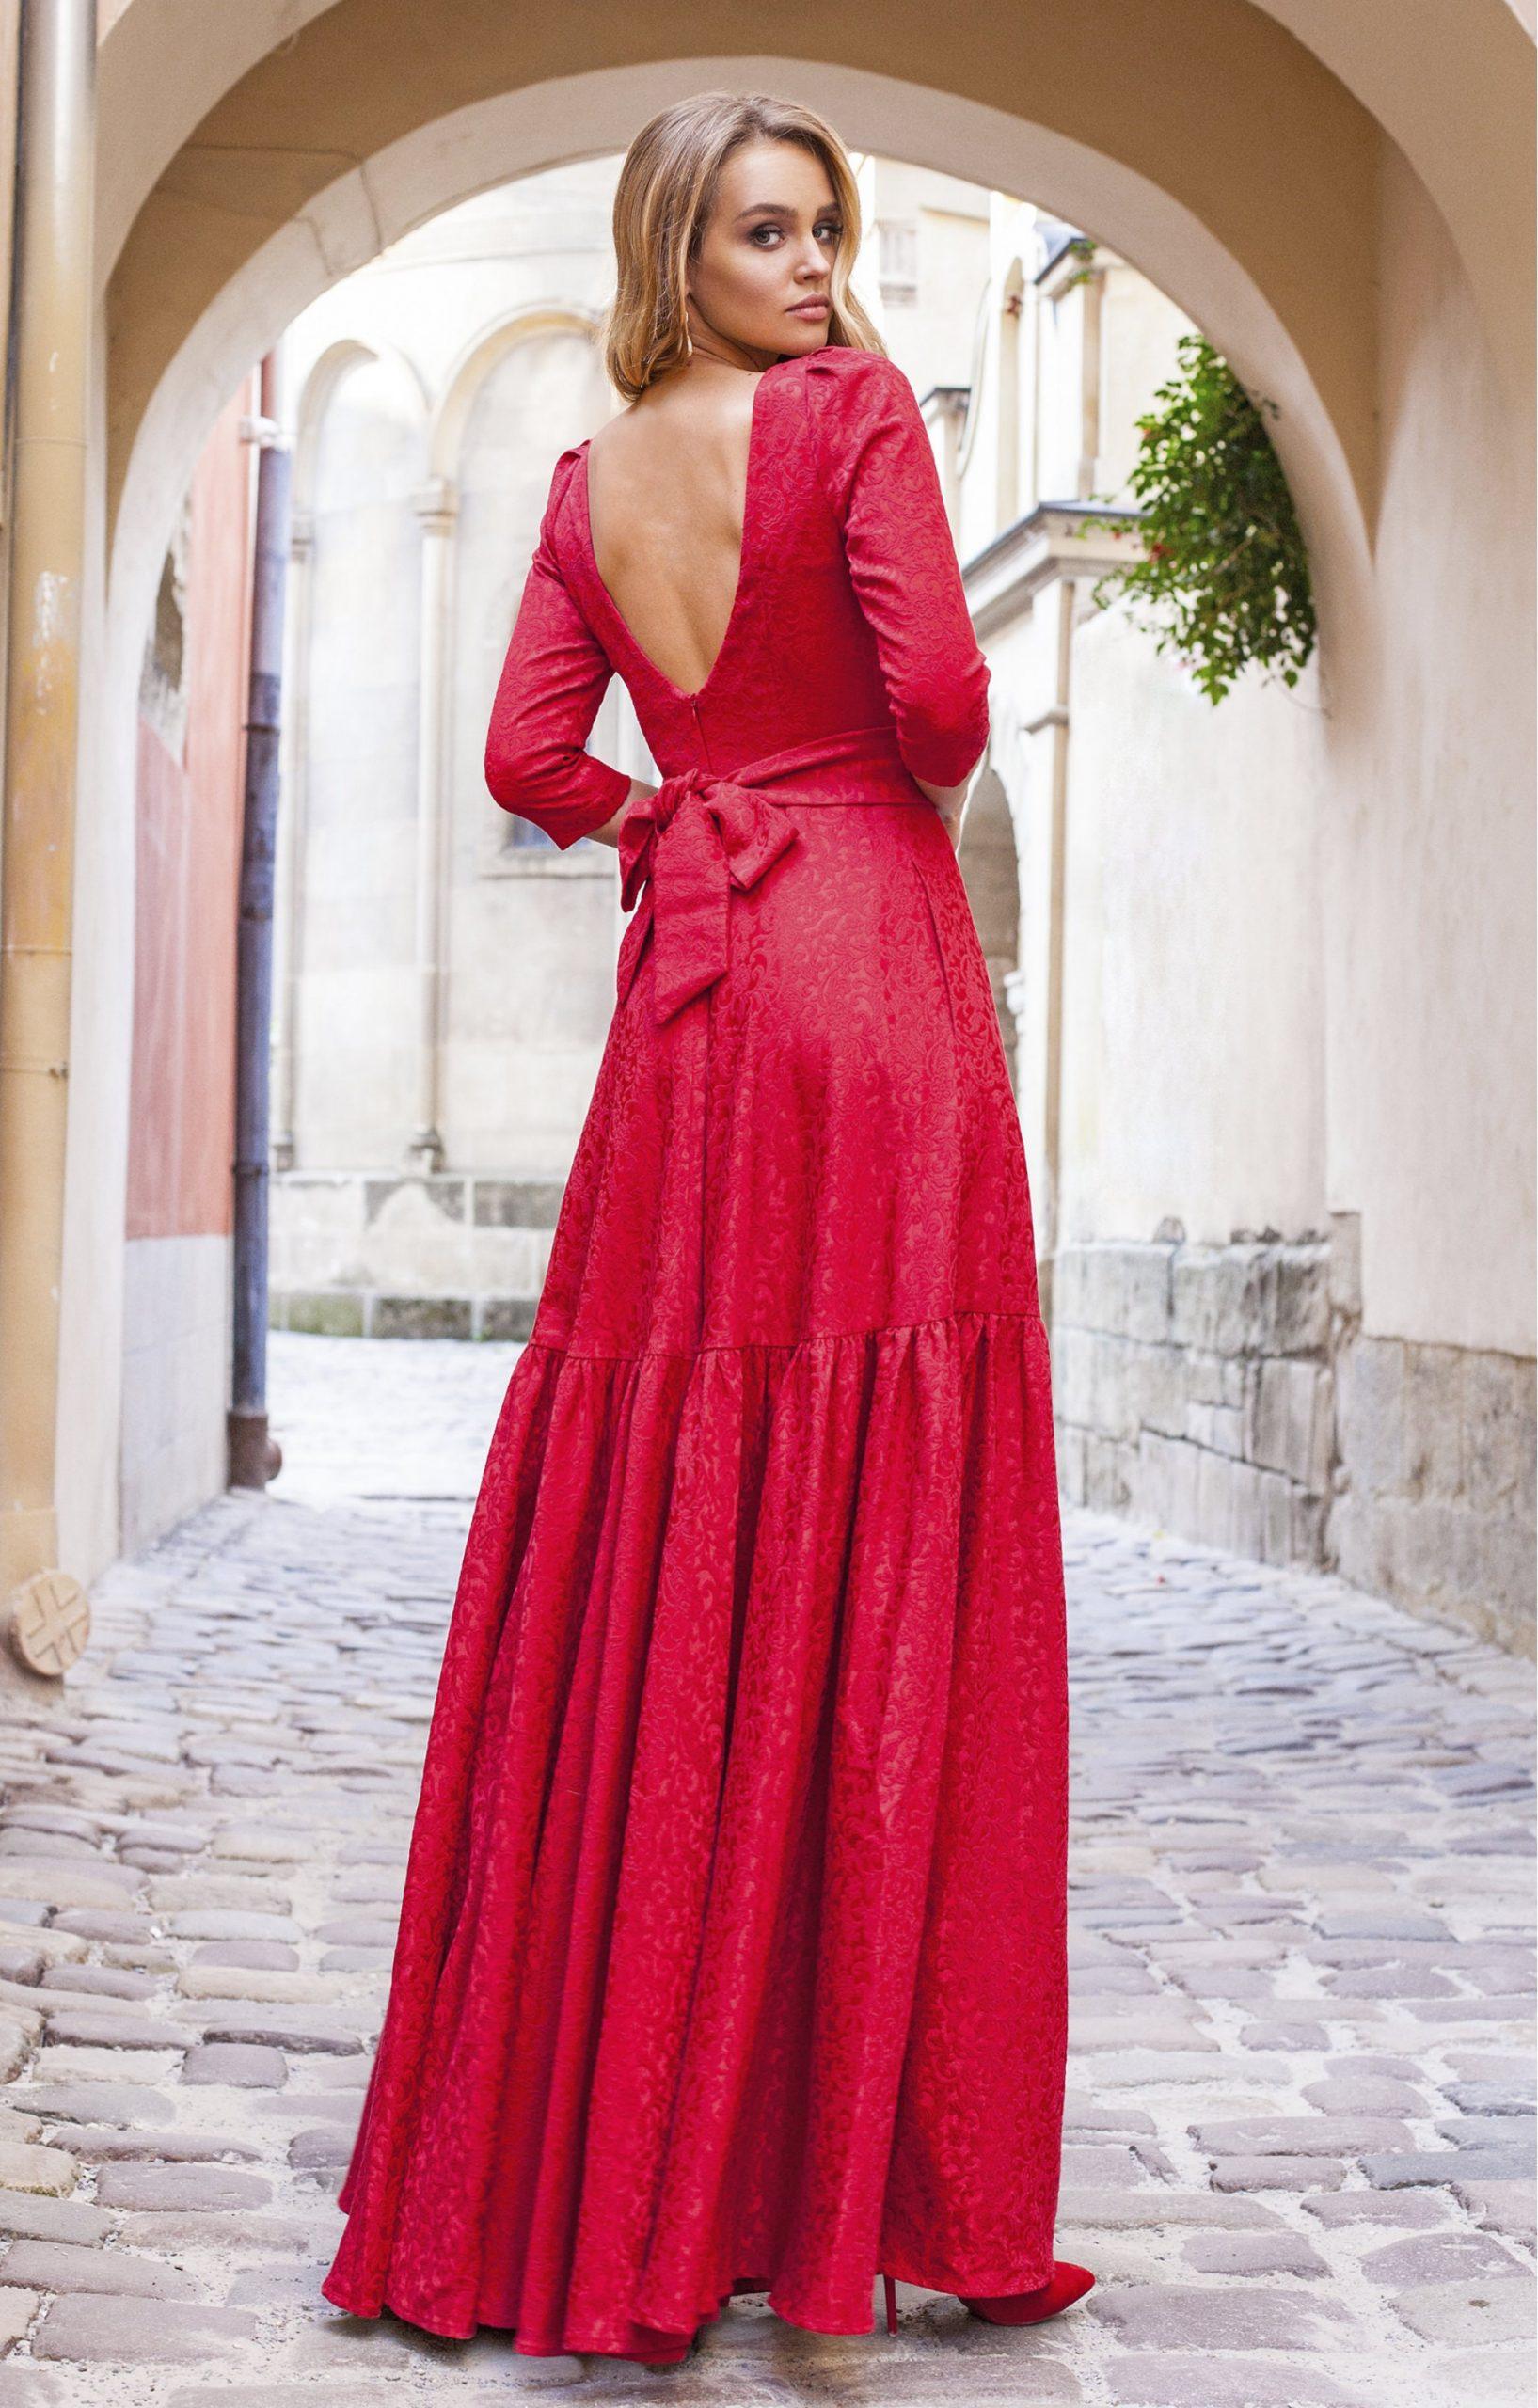 10 Ausgezeichnet Marken Abendkleider Lang SpezialgebietFormal Wunderbar Marken Abendkleider Lang Ärmel